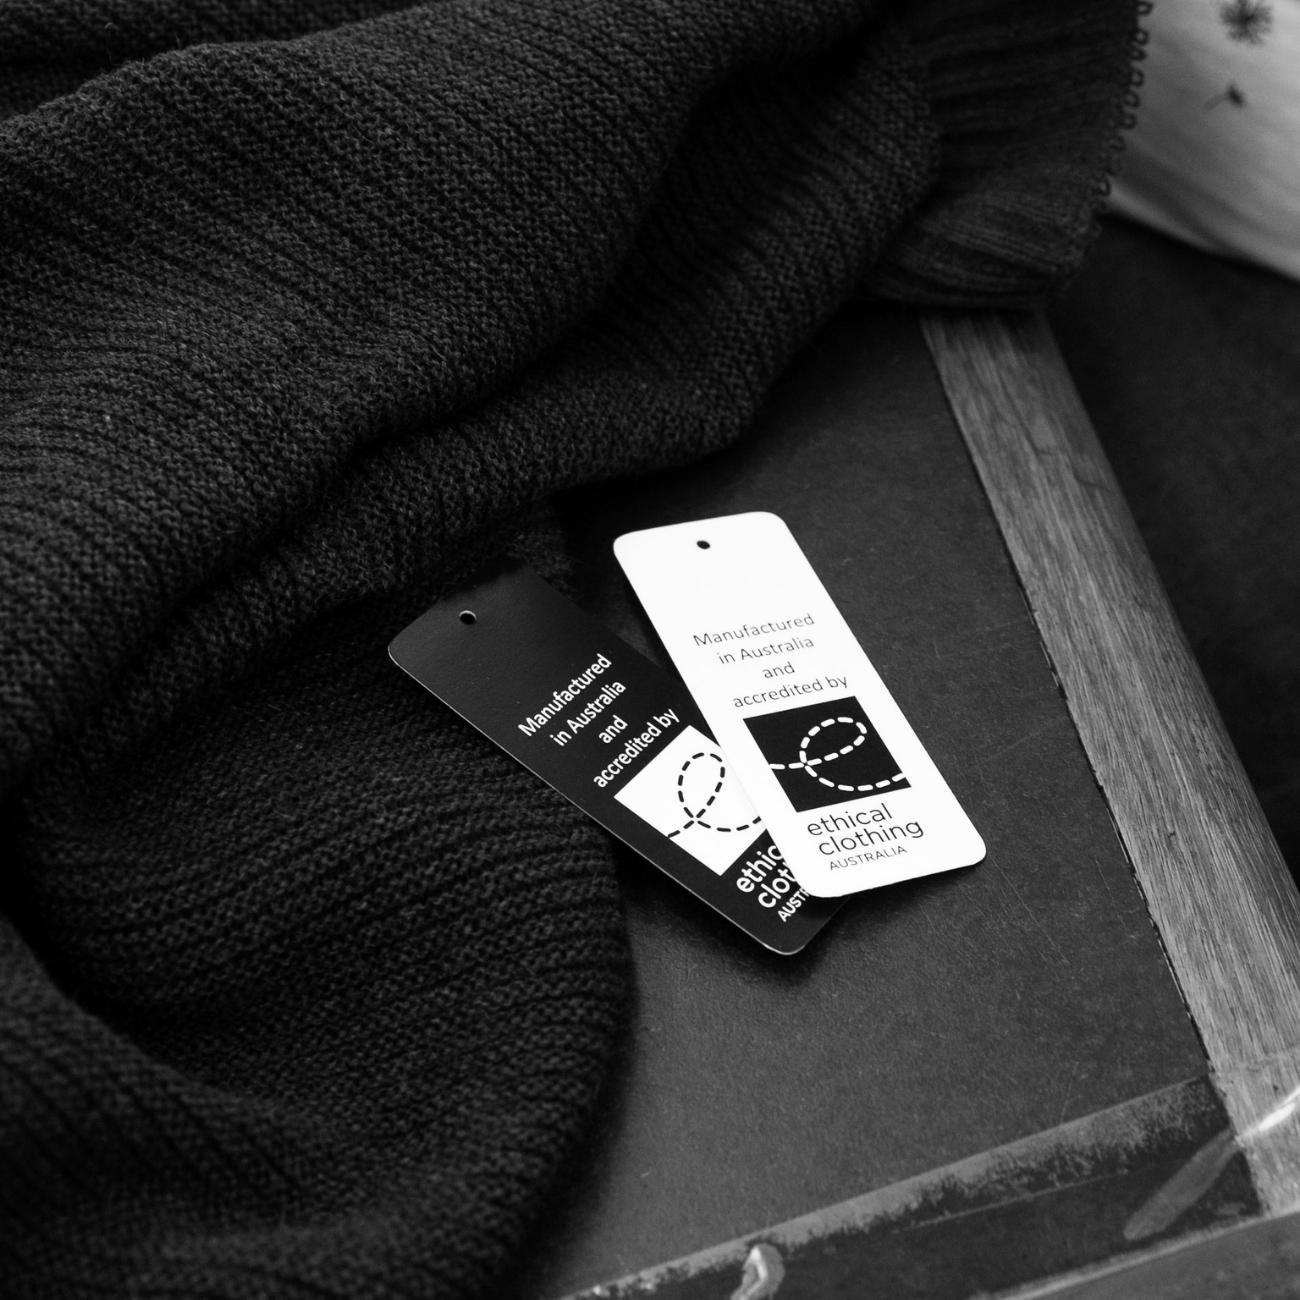 Ethical Clothing Australia